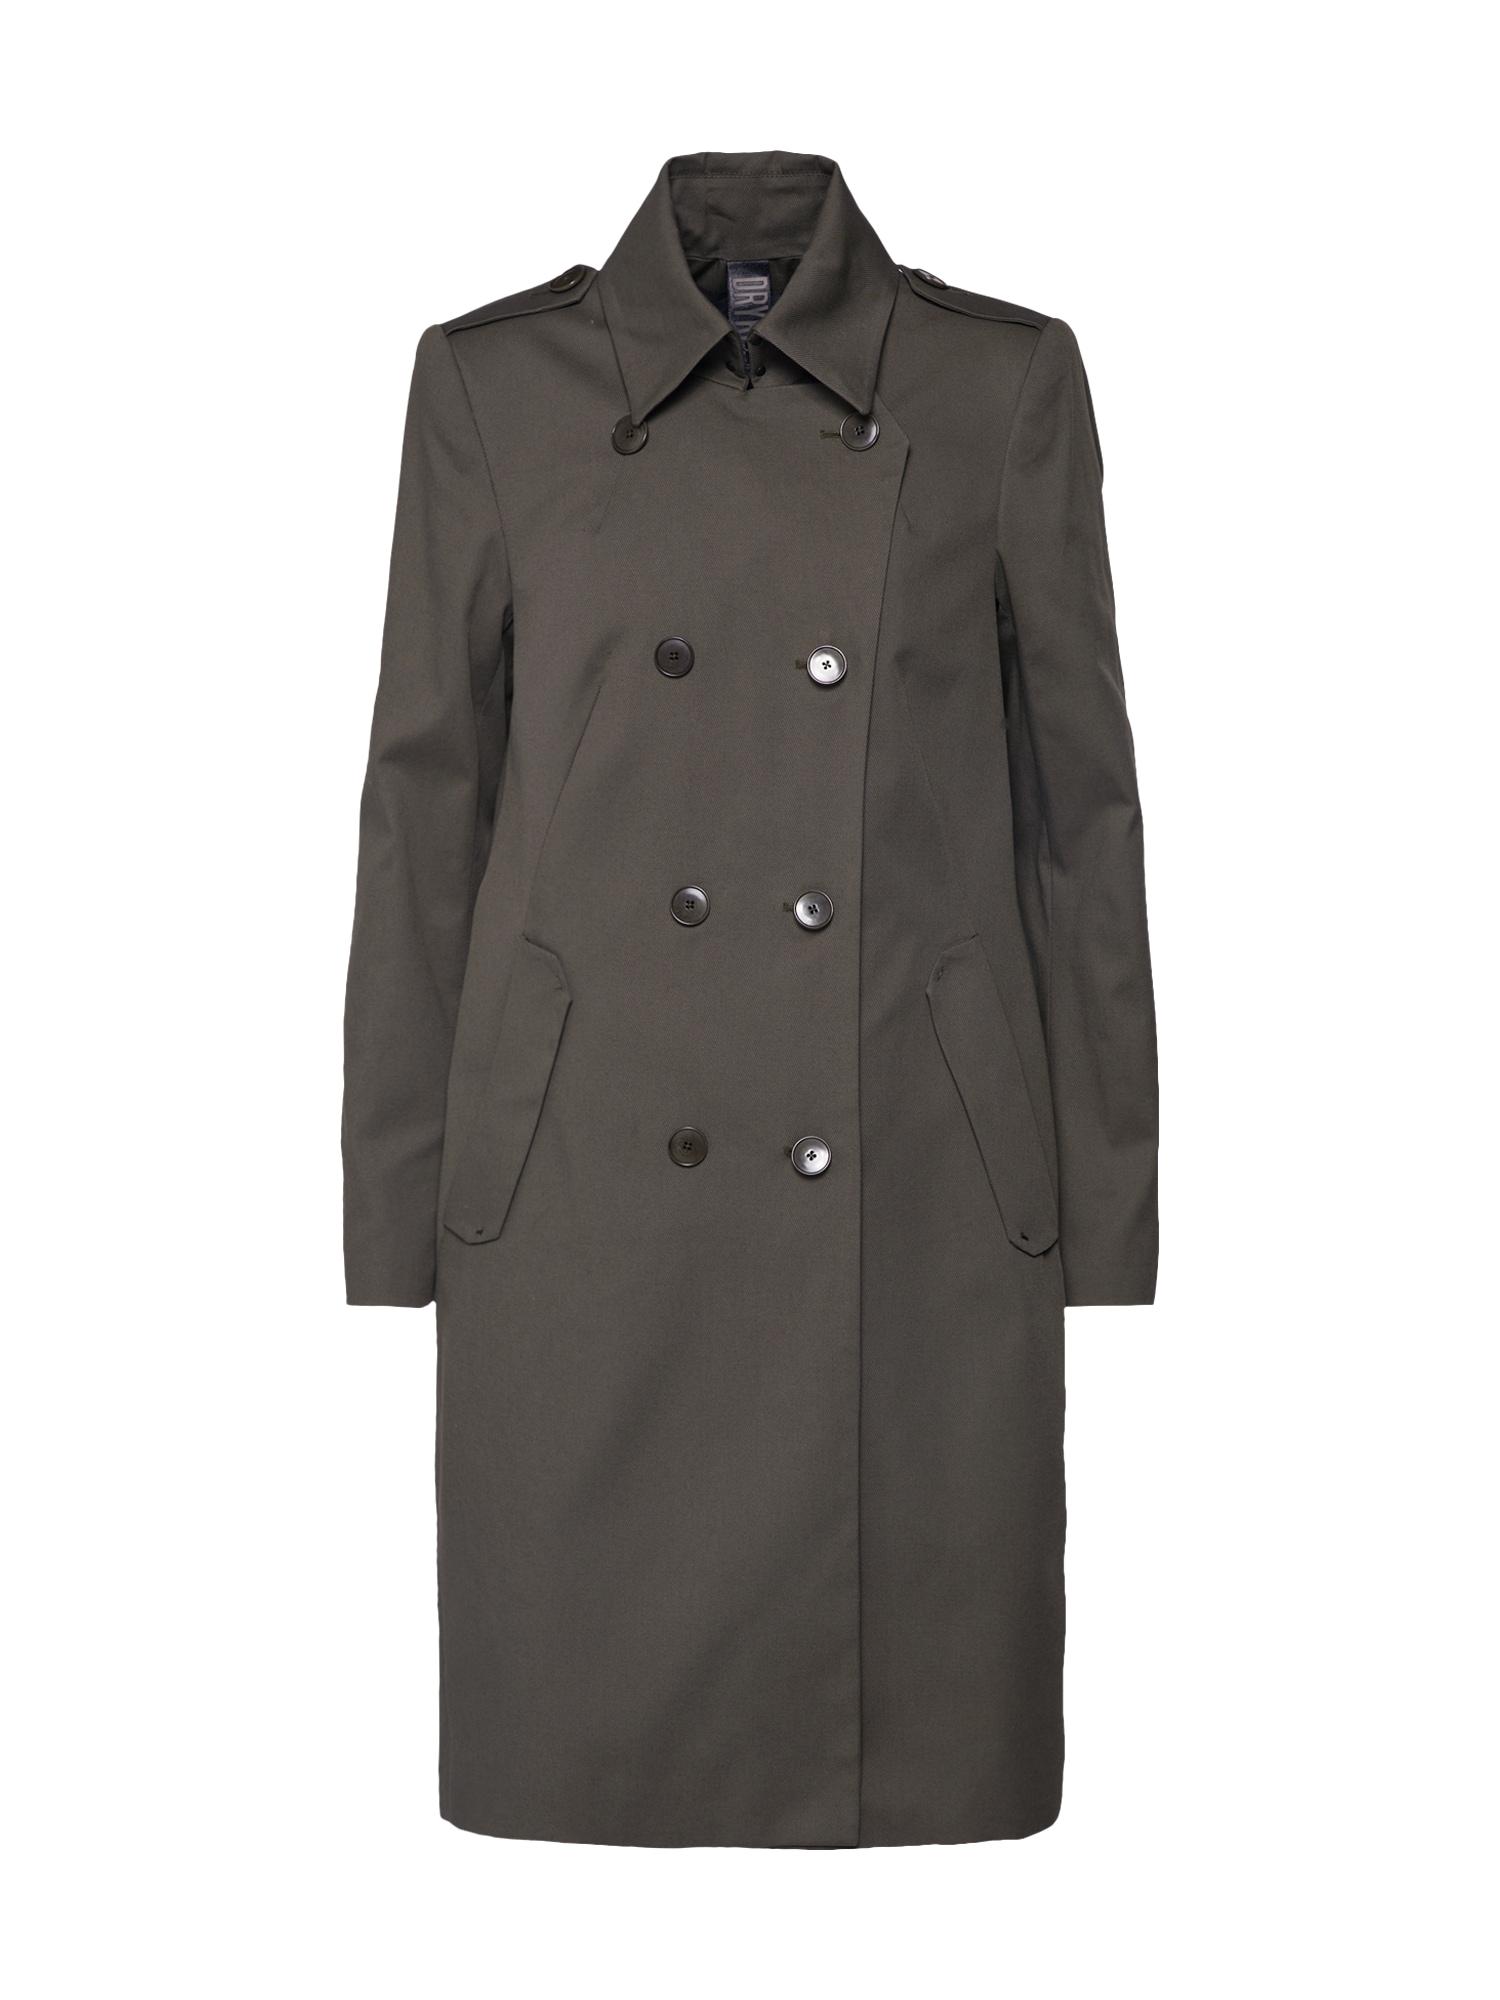 Přechodný kabát Buckey khaki DRYKORN